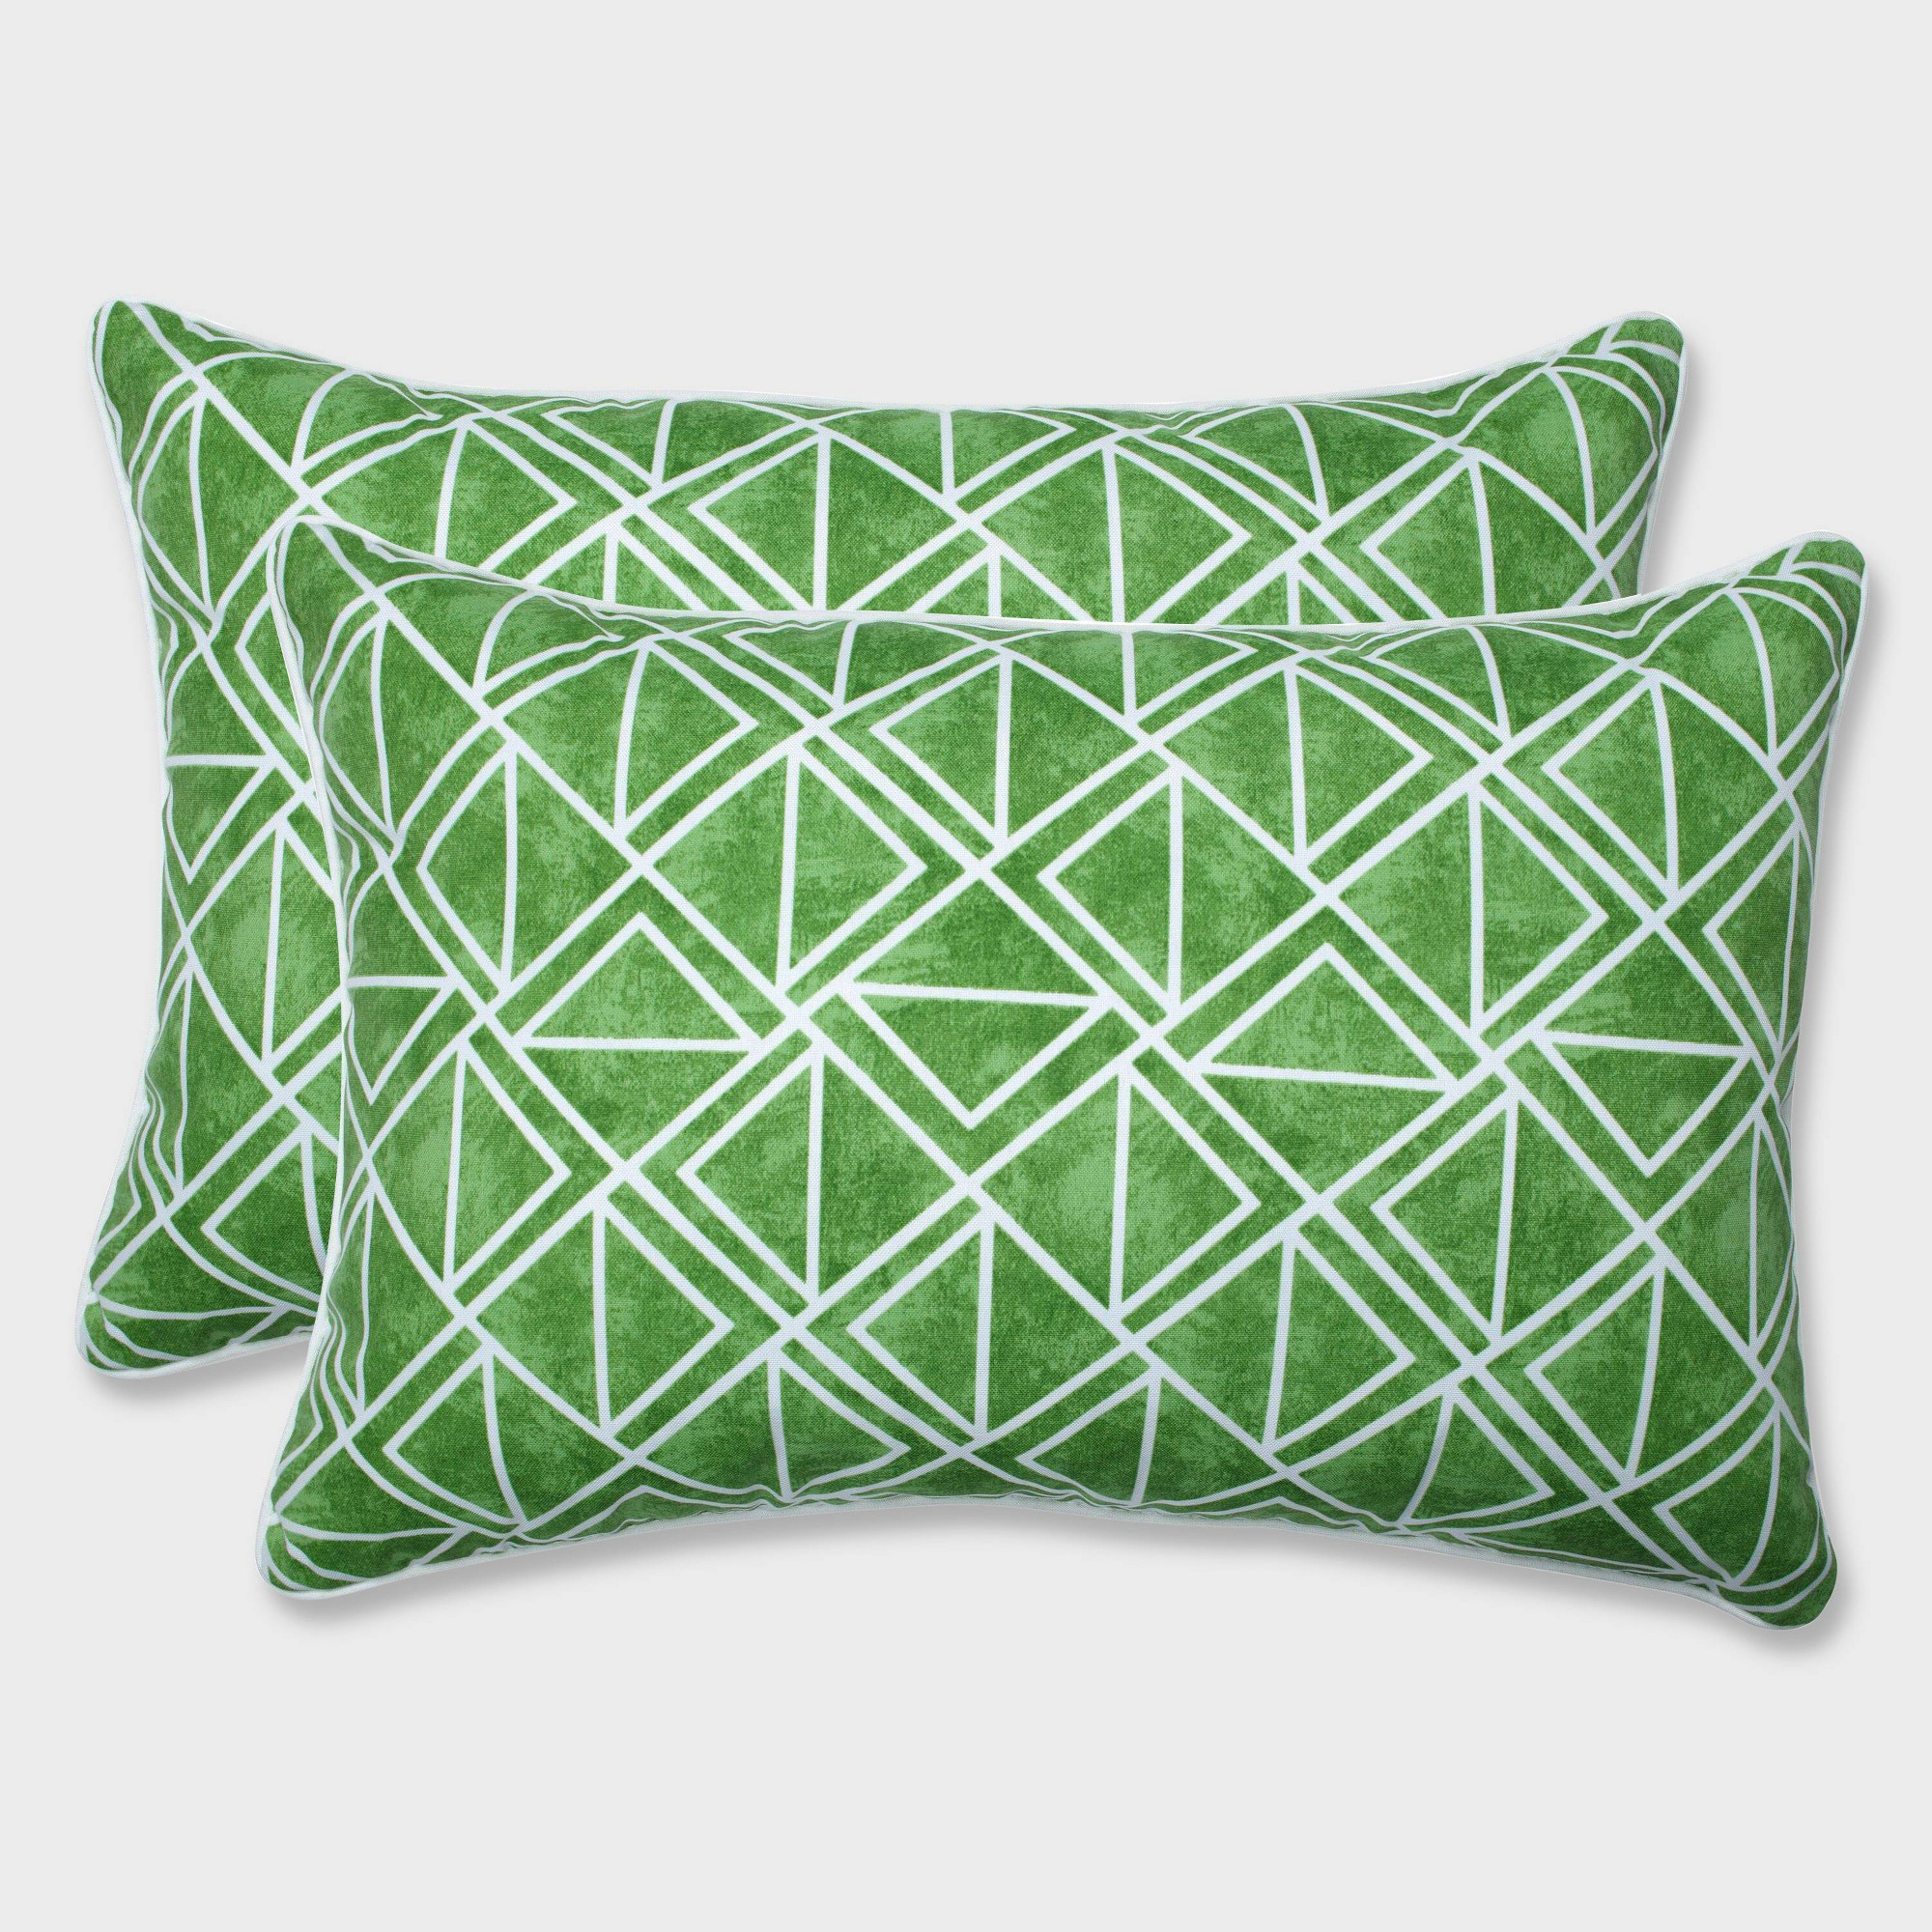 2pk Oversize Lanova Palm Rectangular Throw Pillows Green - Pillow Perfect